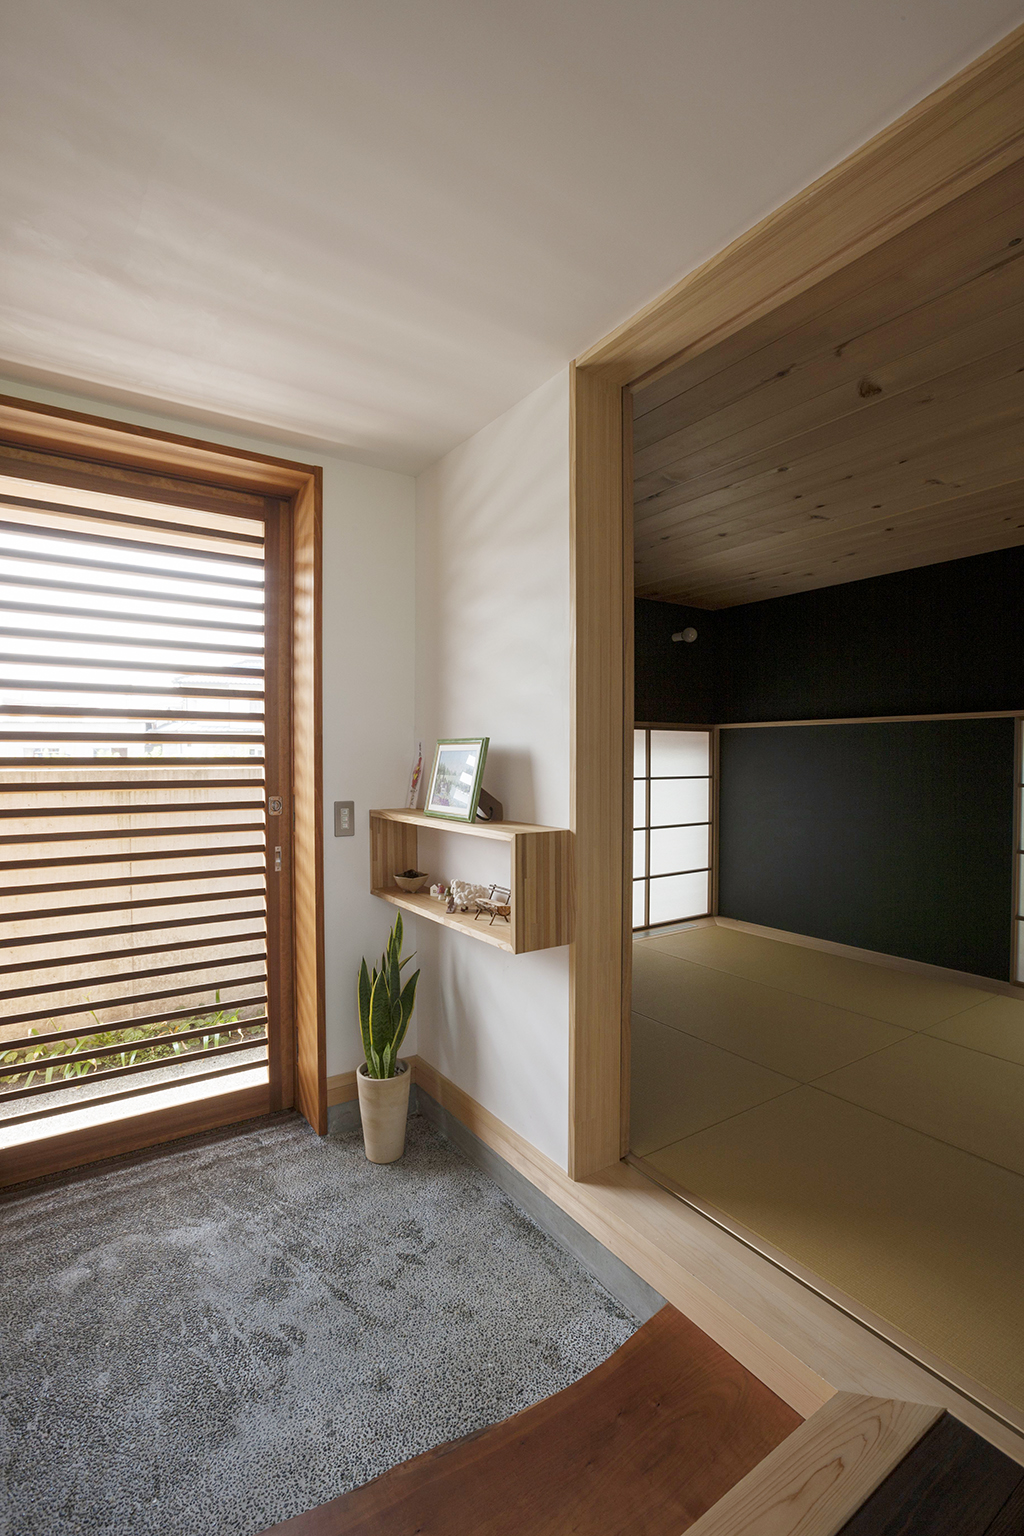 宍粟市の木の家 玄関と和室